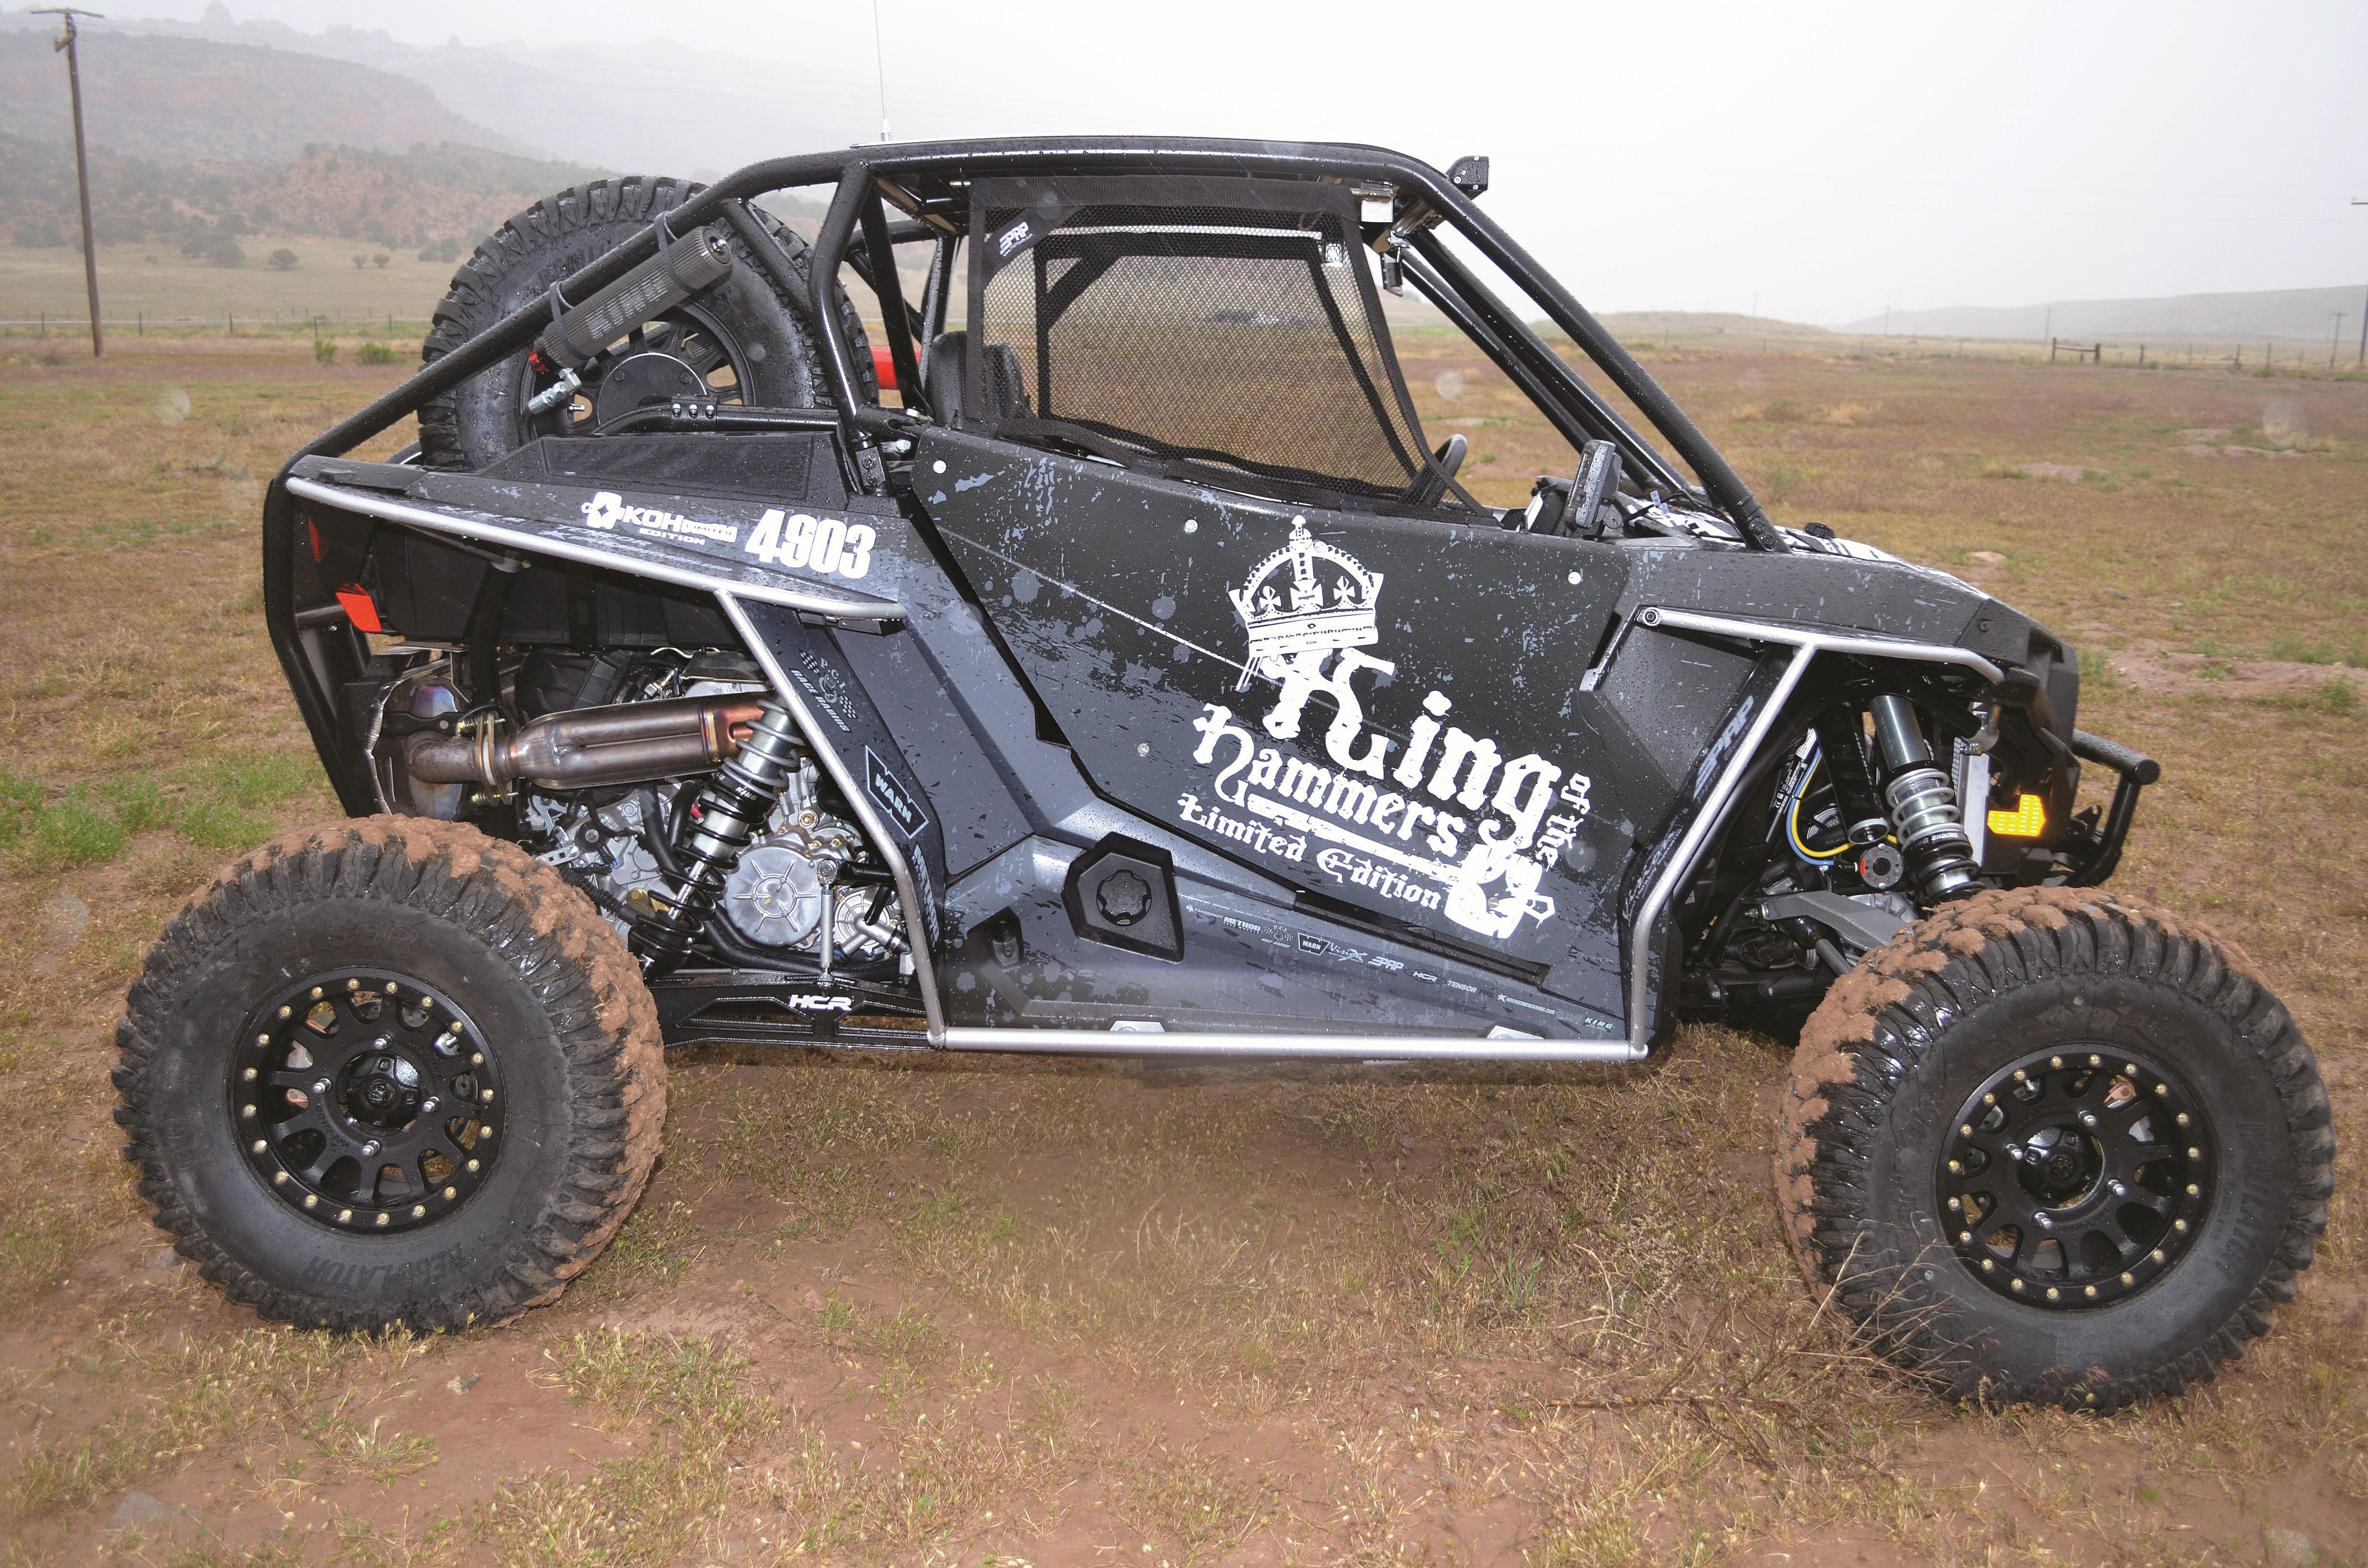 KOHLE9_DSC_2318 & PROJECT MACHINE: HCR Racing KOH RZR XP 1000 LE | UTV Action Magazine